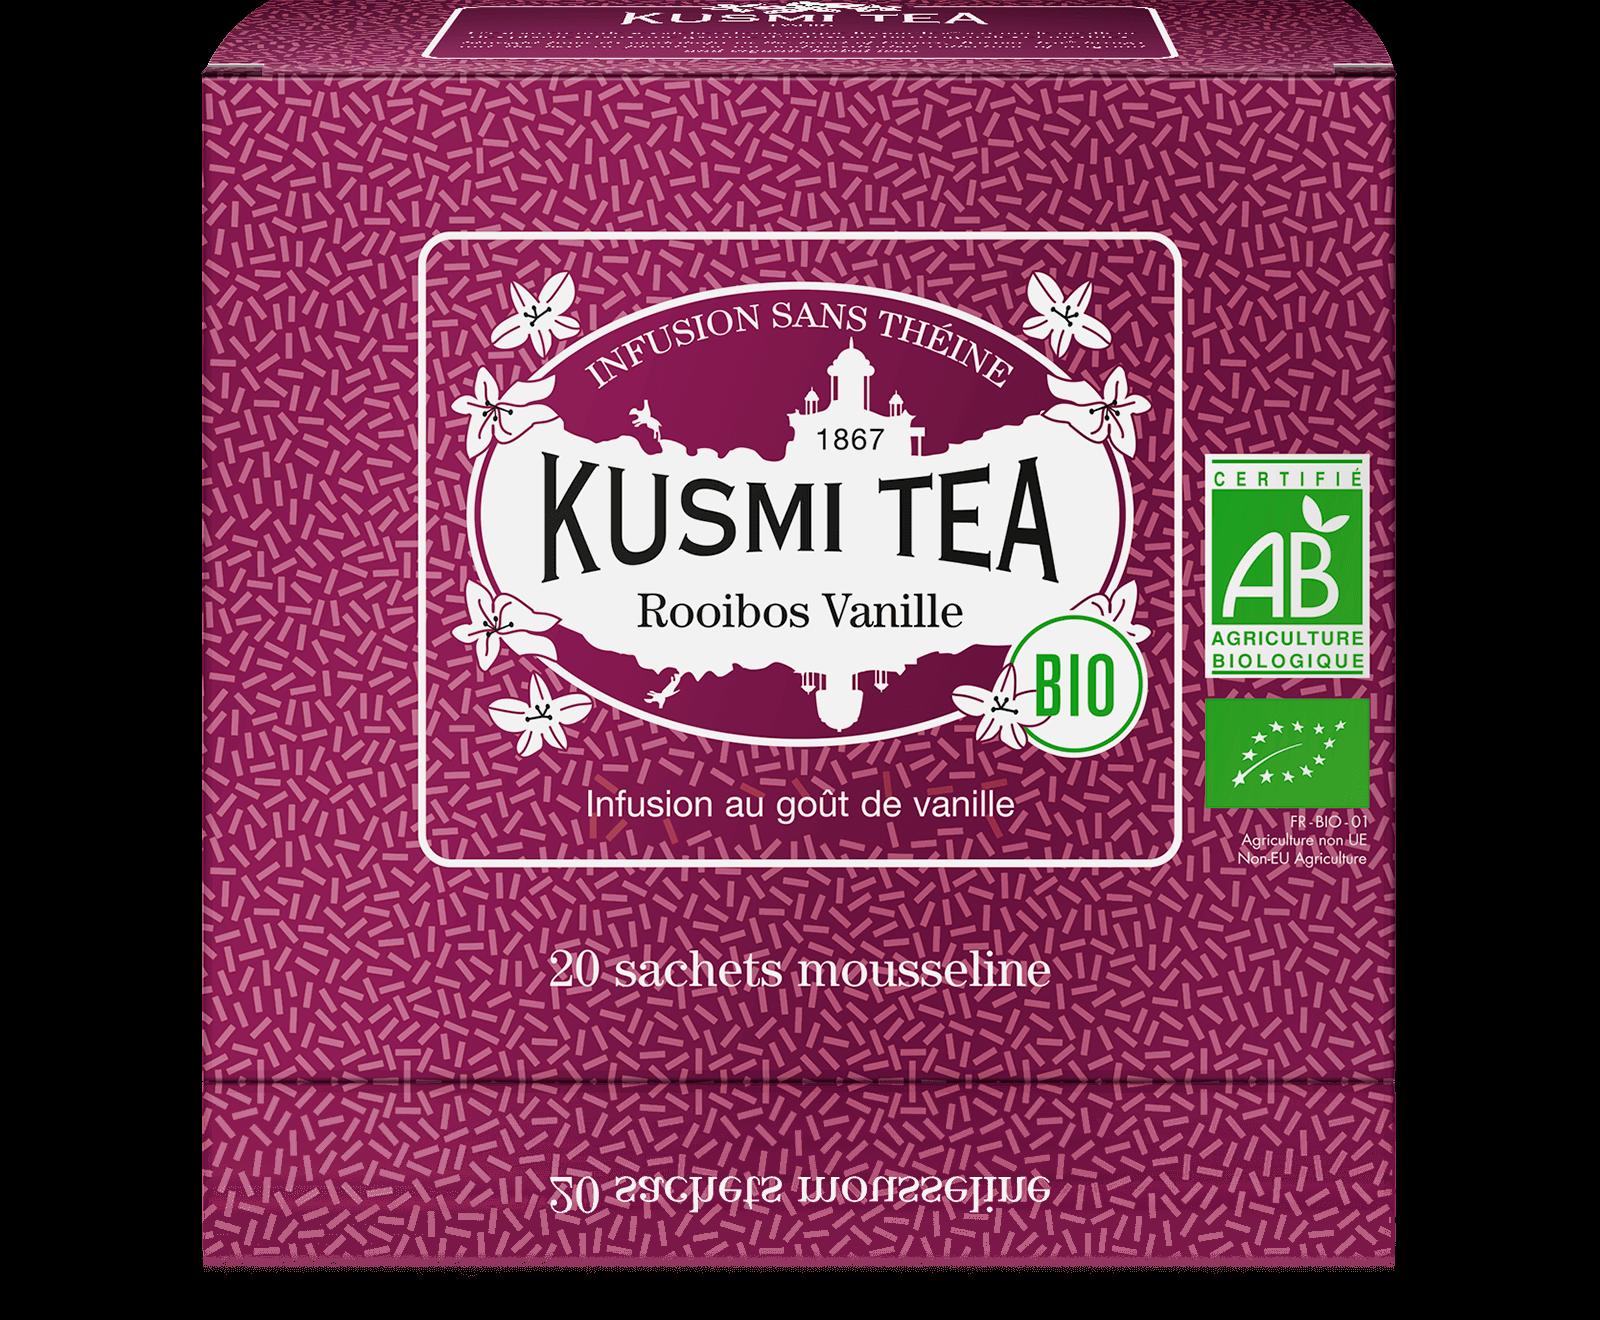 Rooibos Vanille Infusion bio - Infusion au goût de vanille - Sachets de thé - Kusmi Tea